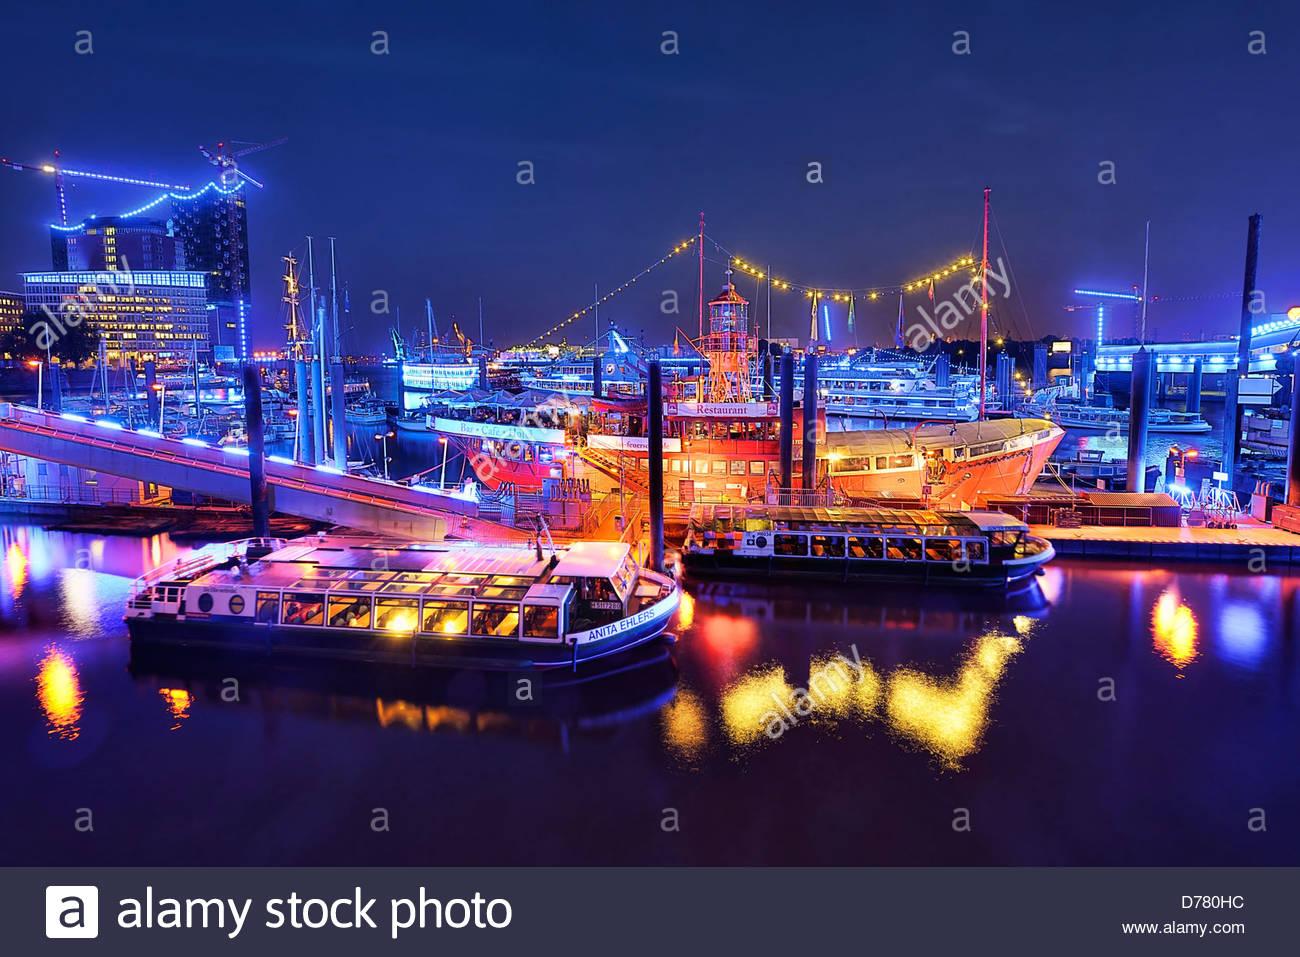 Beleuchtung Blue Port von Michael Batz, City-Sport Hafen mit Feuerschiff und Elbphilharmonie in Hamburg, Deutschland, Stockbild